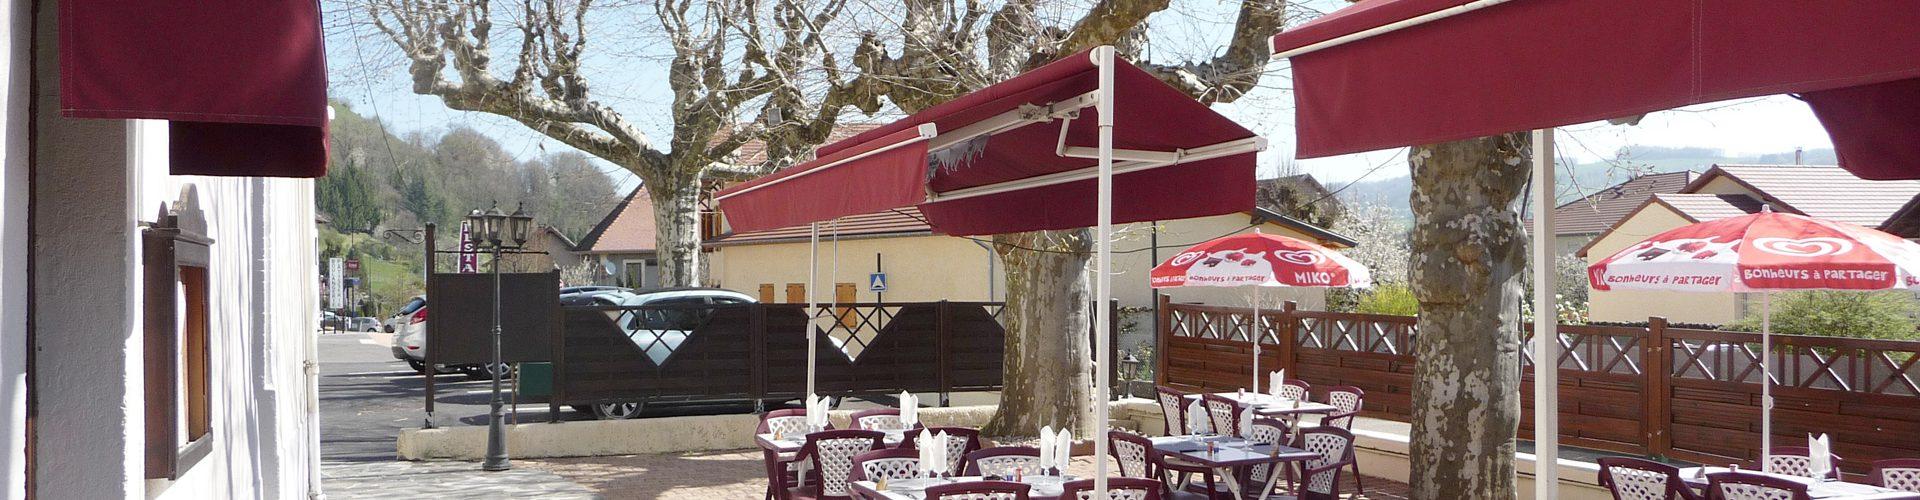 Le Relais De La Tourelle - Terrasse